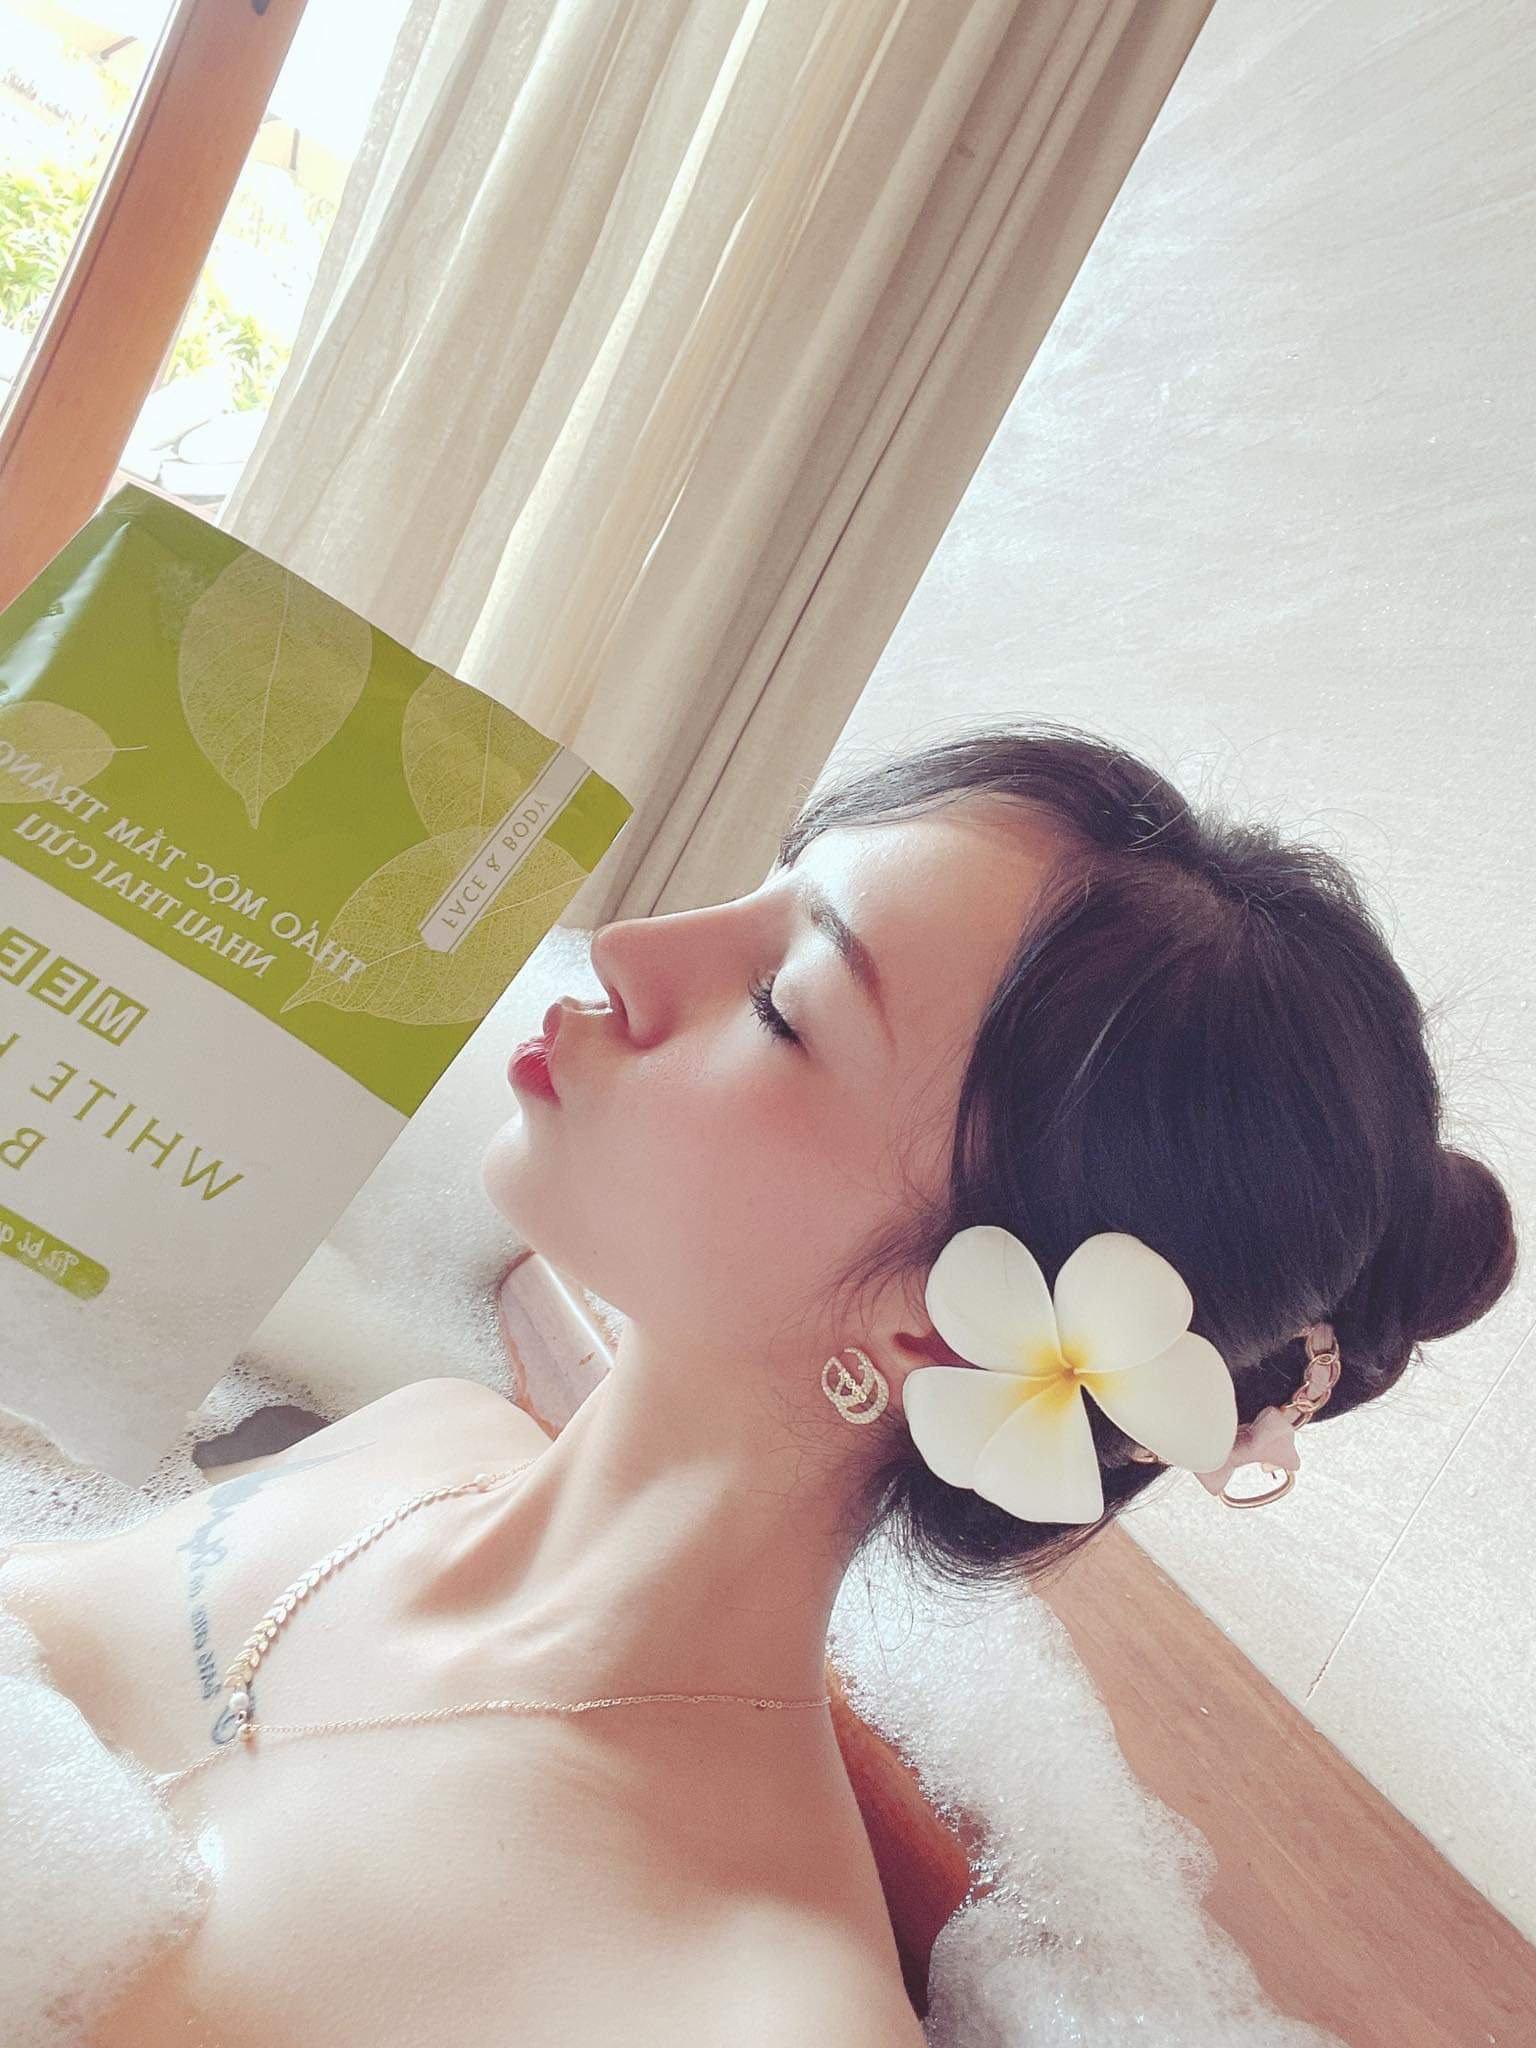 Món skincare made in Vietnam này đang gây bão MXH, đọc review của loạt hot face là hiểu ngay lý do - Ảnh 3.